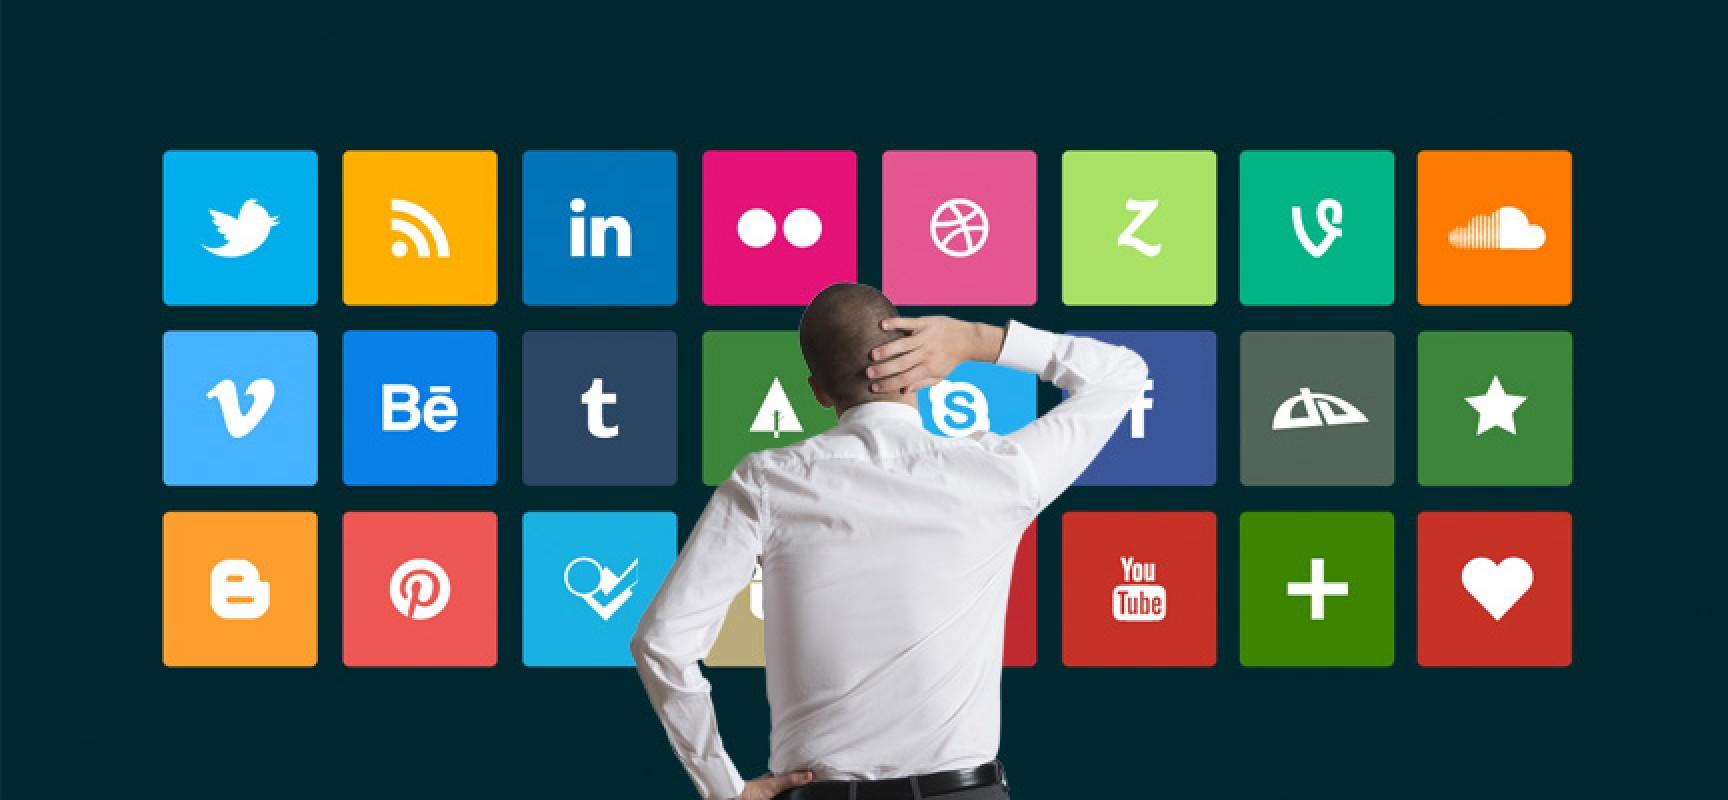 imagem ilustrativa de homem com a mão na cabeça olhando para painel com ícones de aplicativos